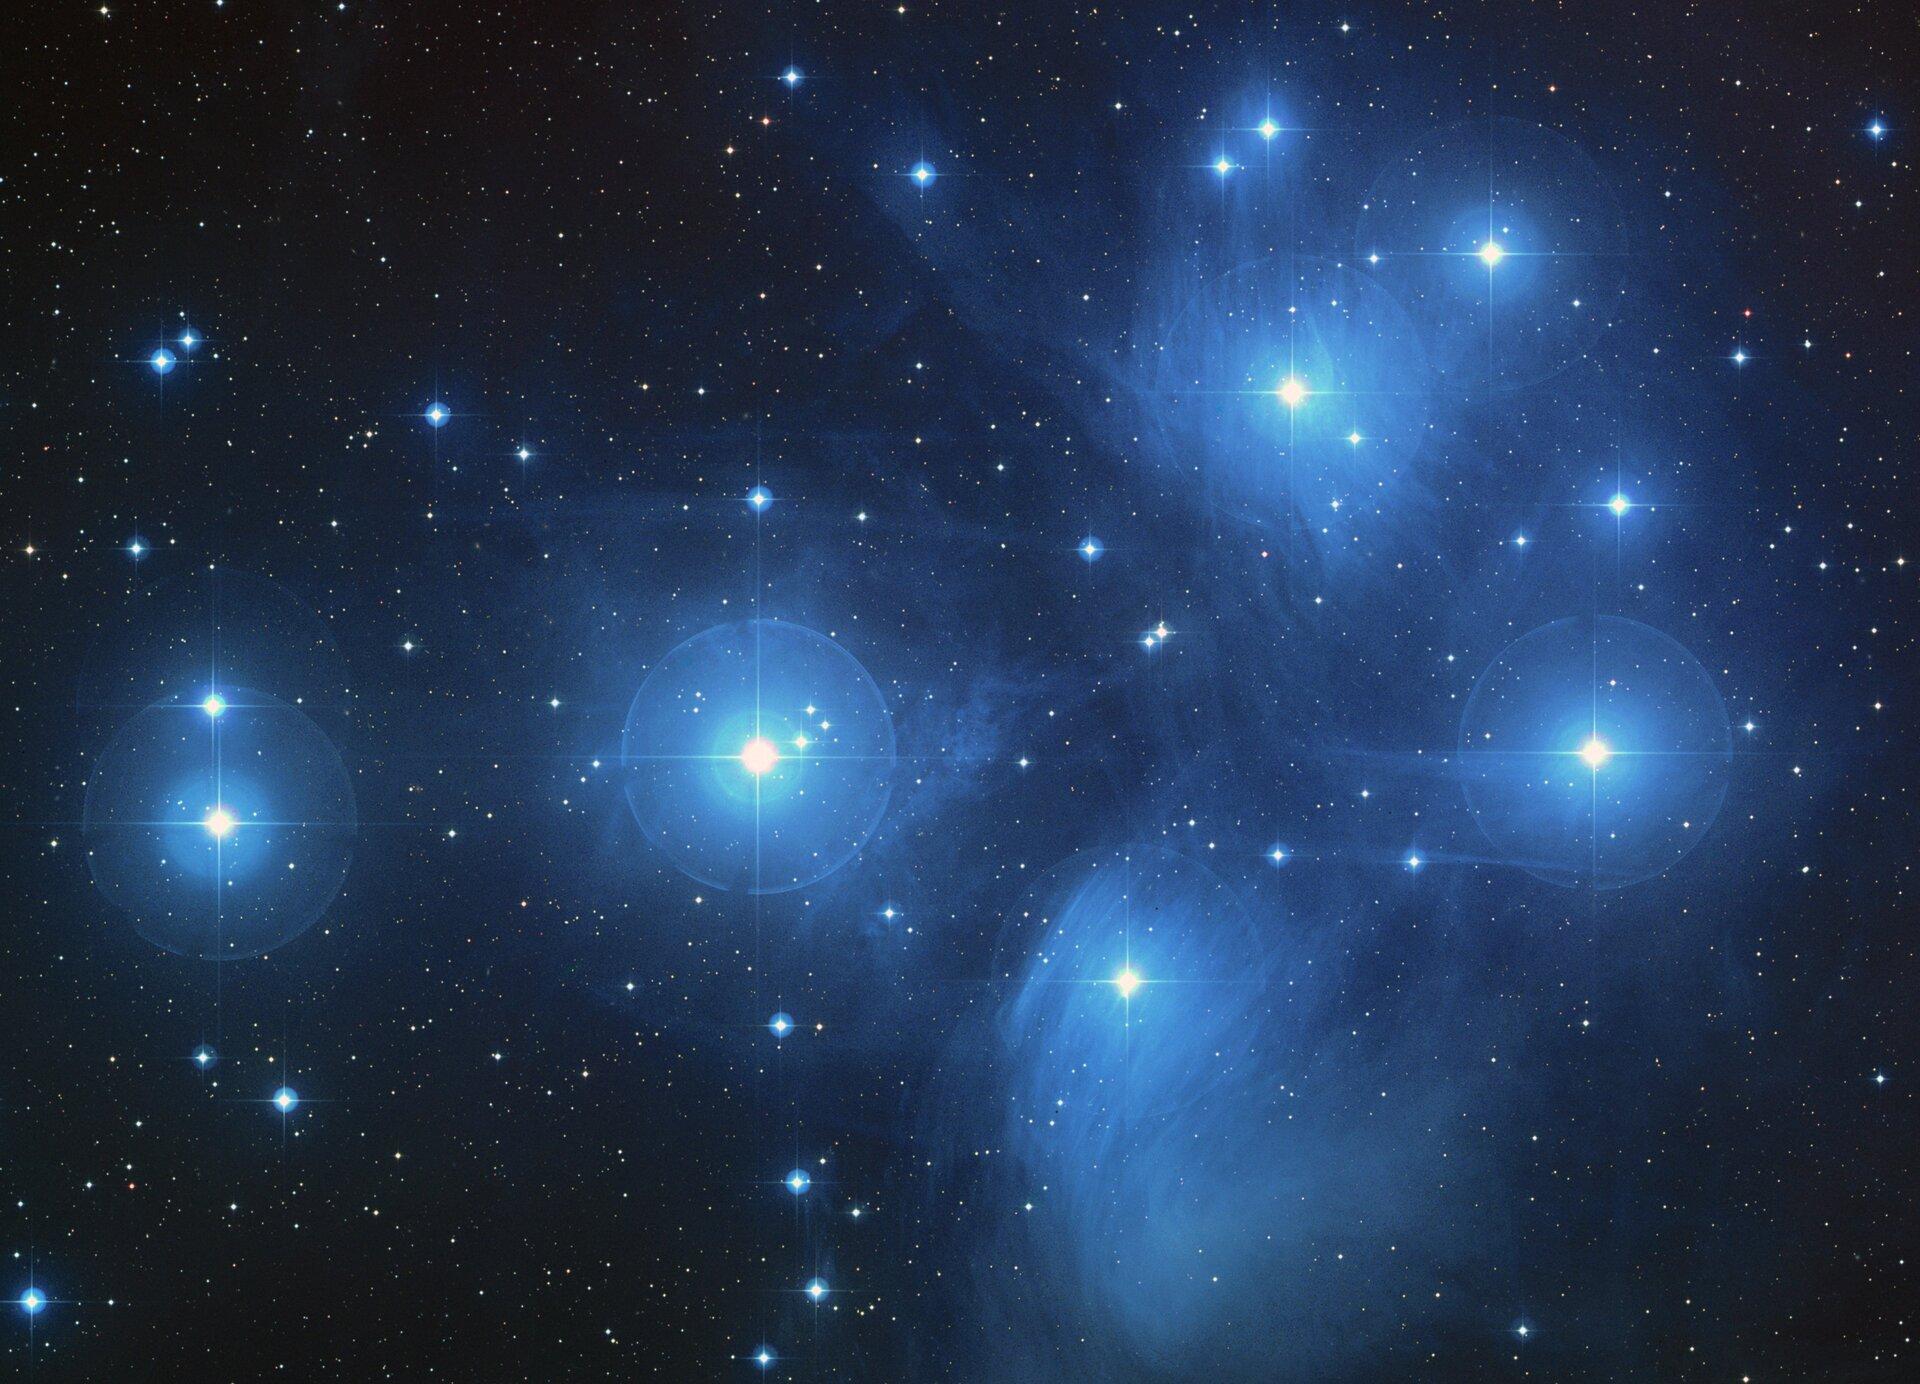 Grafika przedstawia gromadę gwiazd Plejady wGwiazdozbiorze Byka. Tło czarne. Na grafice widoczne mnóstwo jasnoniebieskich punktów różnej wielkości. Kilka największych wydają się być otoczone niebieską otoczką, łuną.